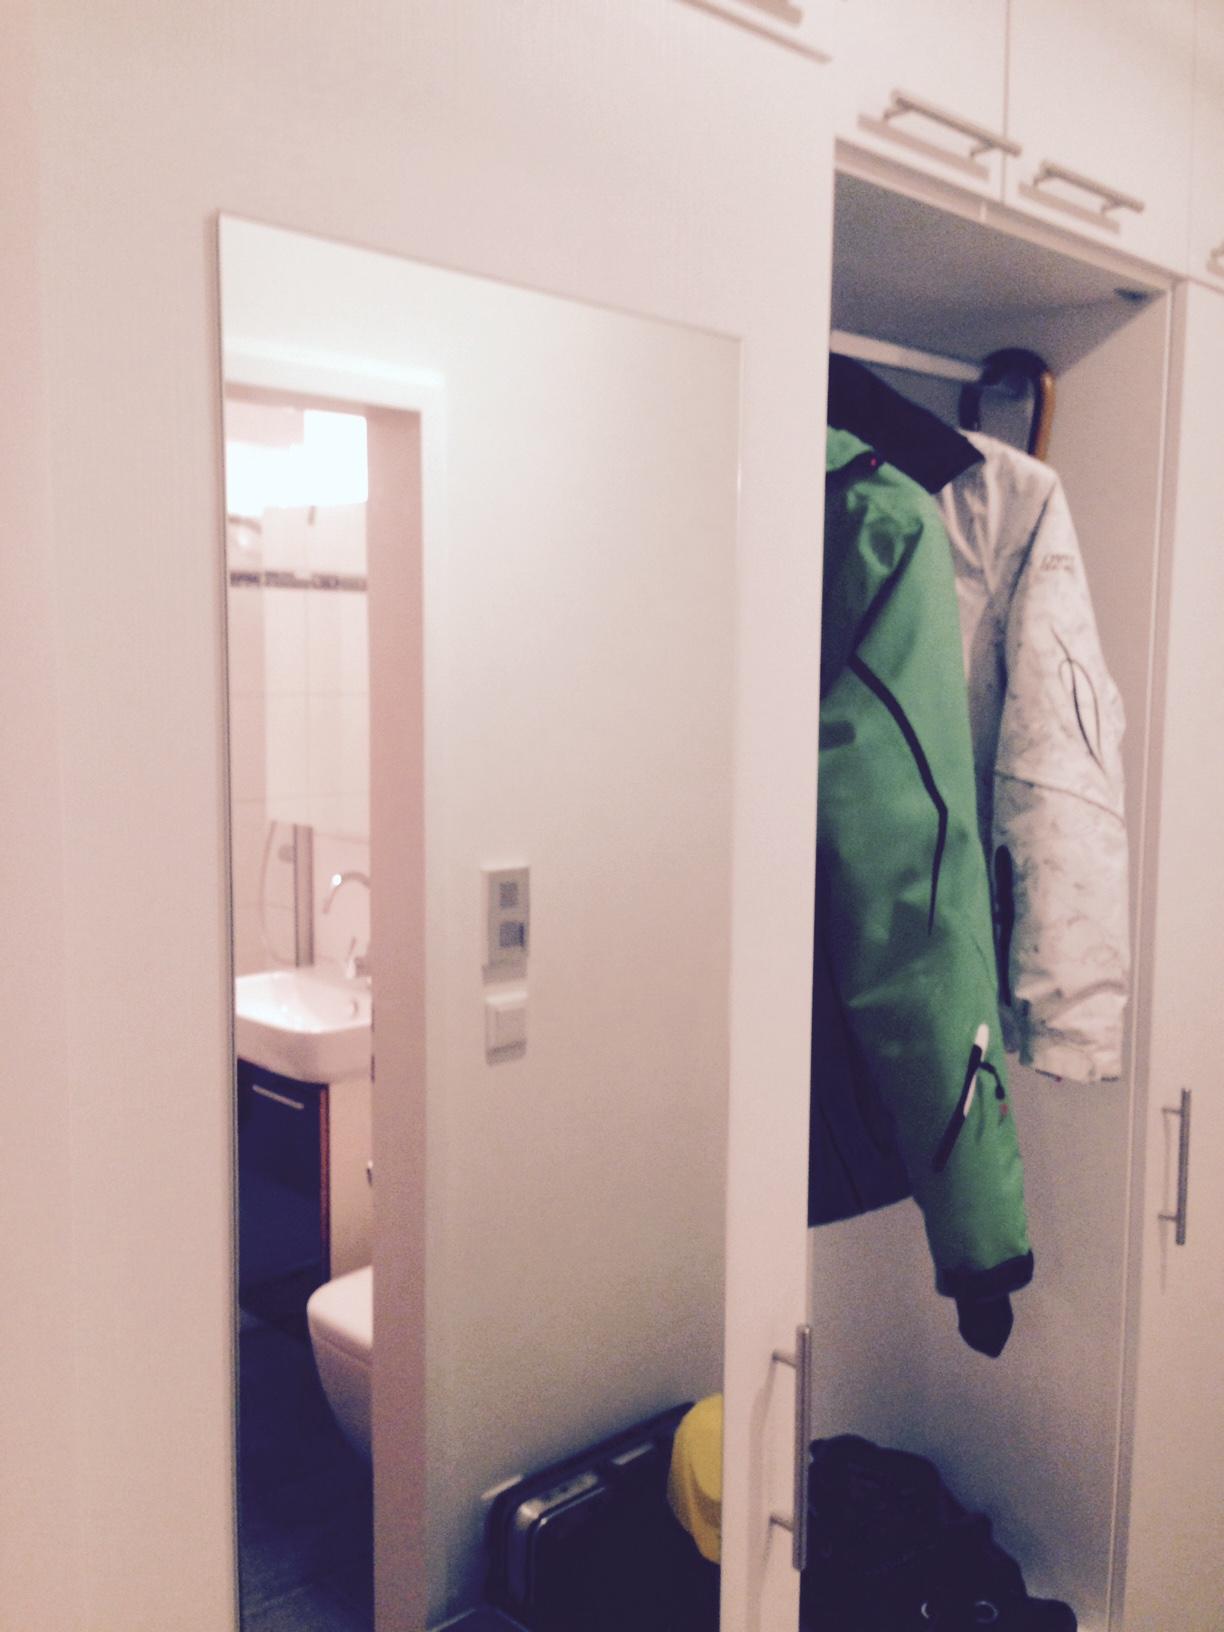 Apartment in Nrnberg mit Solar im Norikus zu vermieten